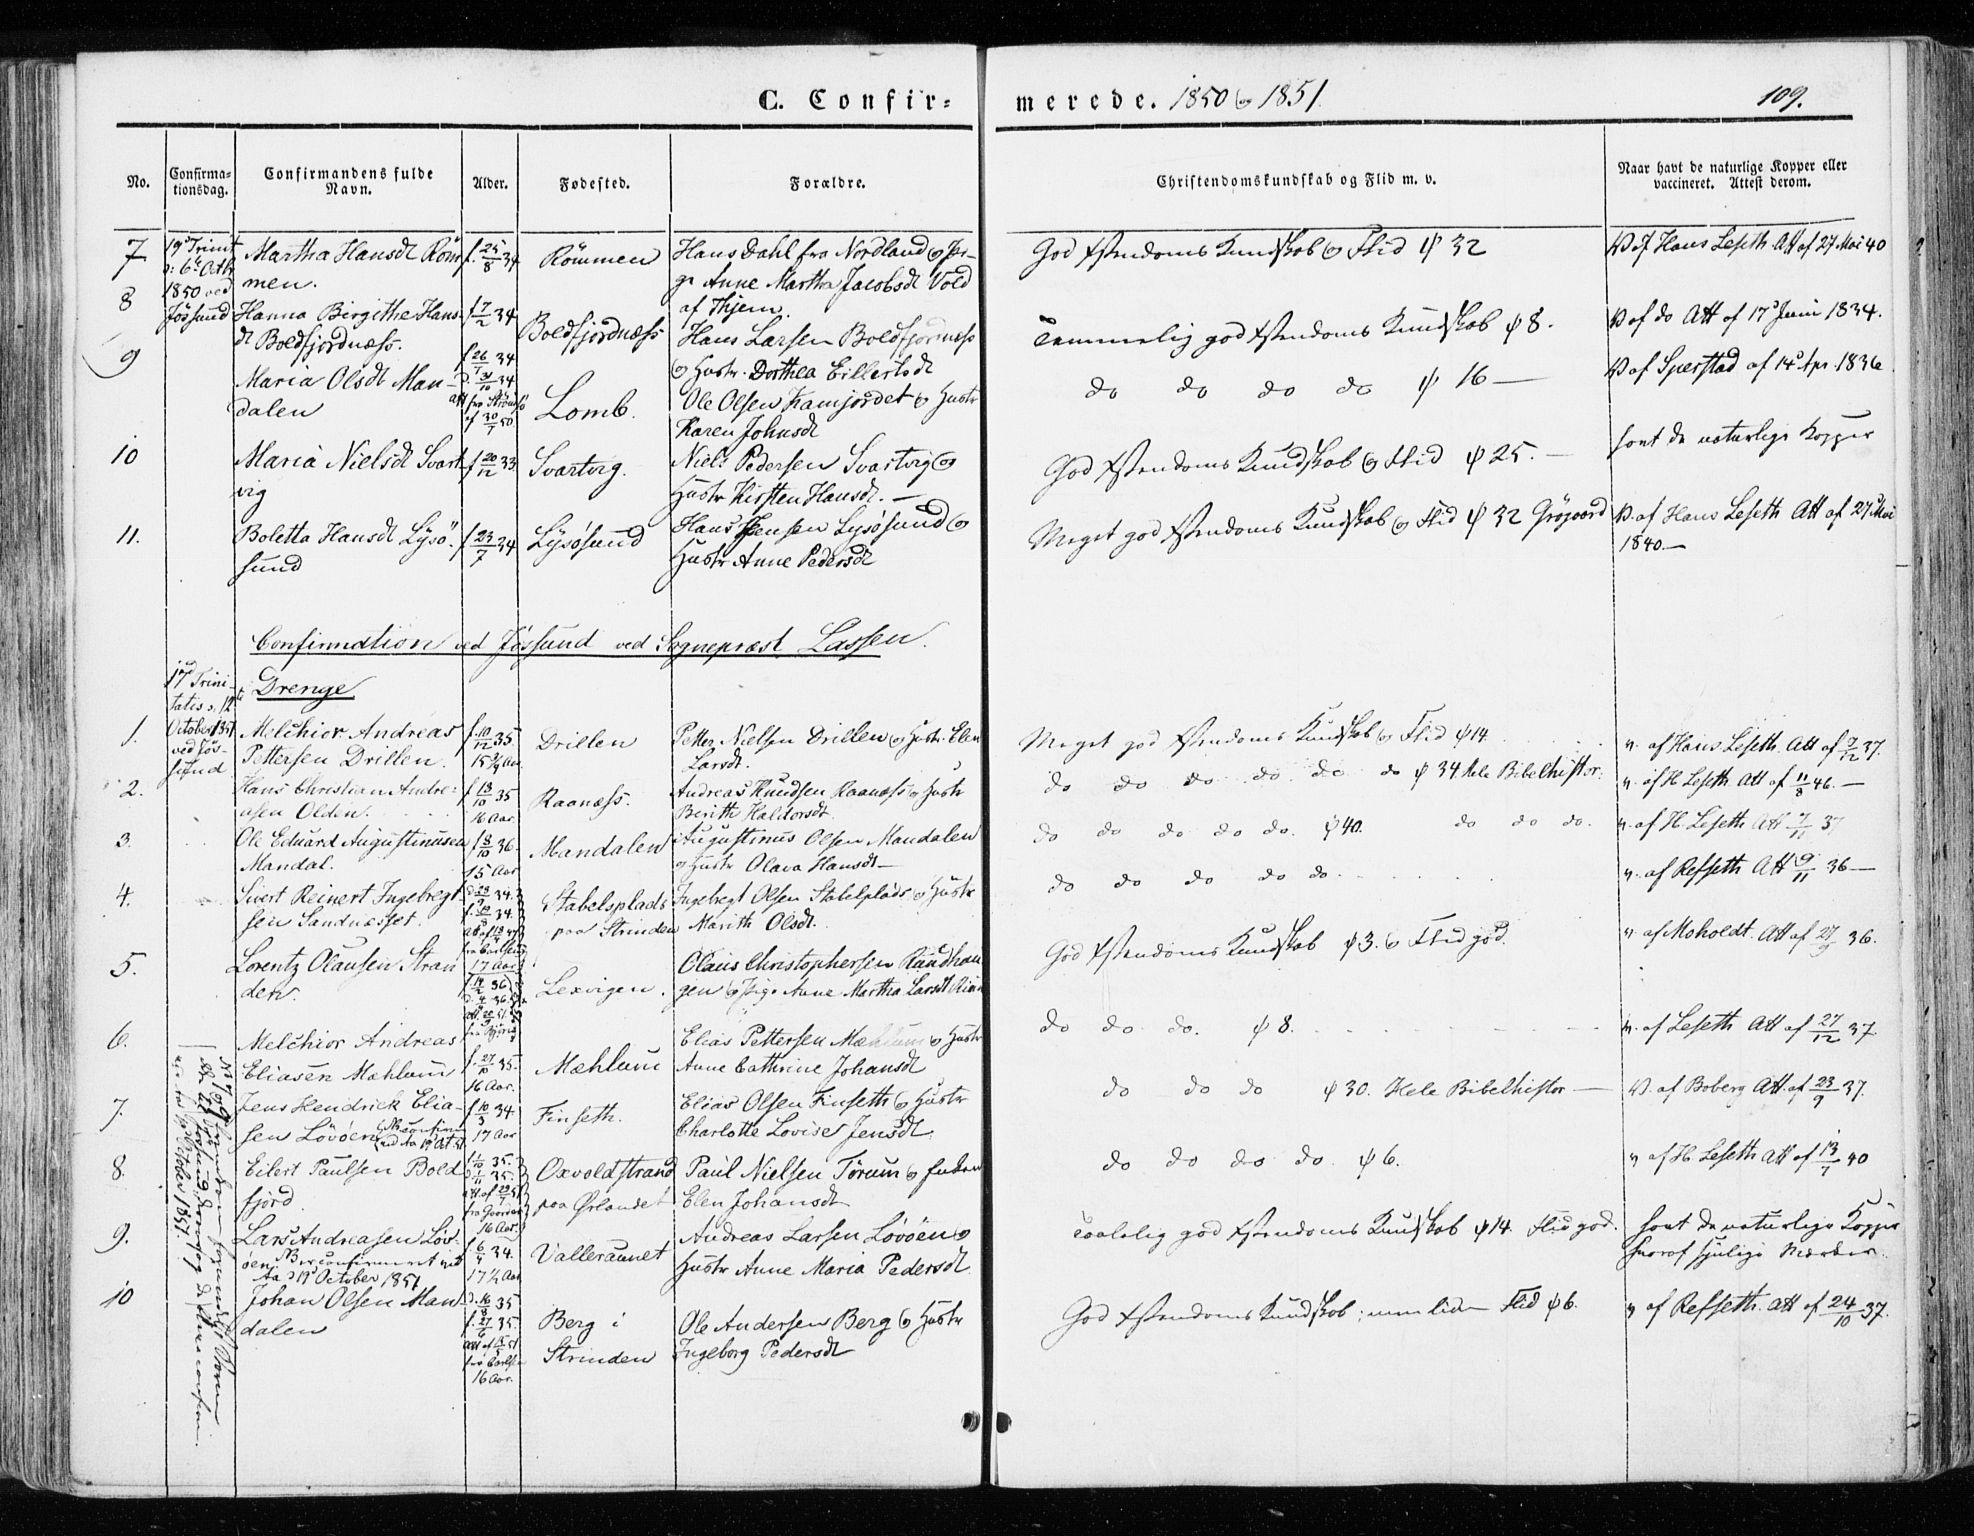 SAT, Ministerialprotokoller, klokkerbøker og fødselsregistre - Sør-Trøndelag, 655/L0677: Ministerialbok nr. 655A06, 1847-1860, s. 109